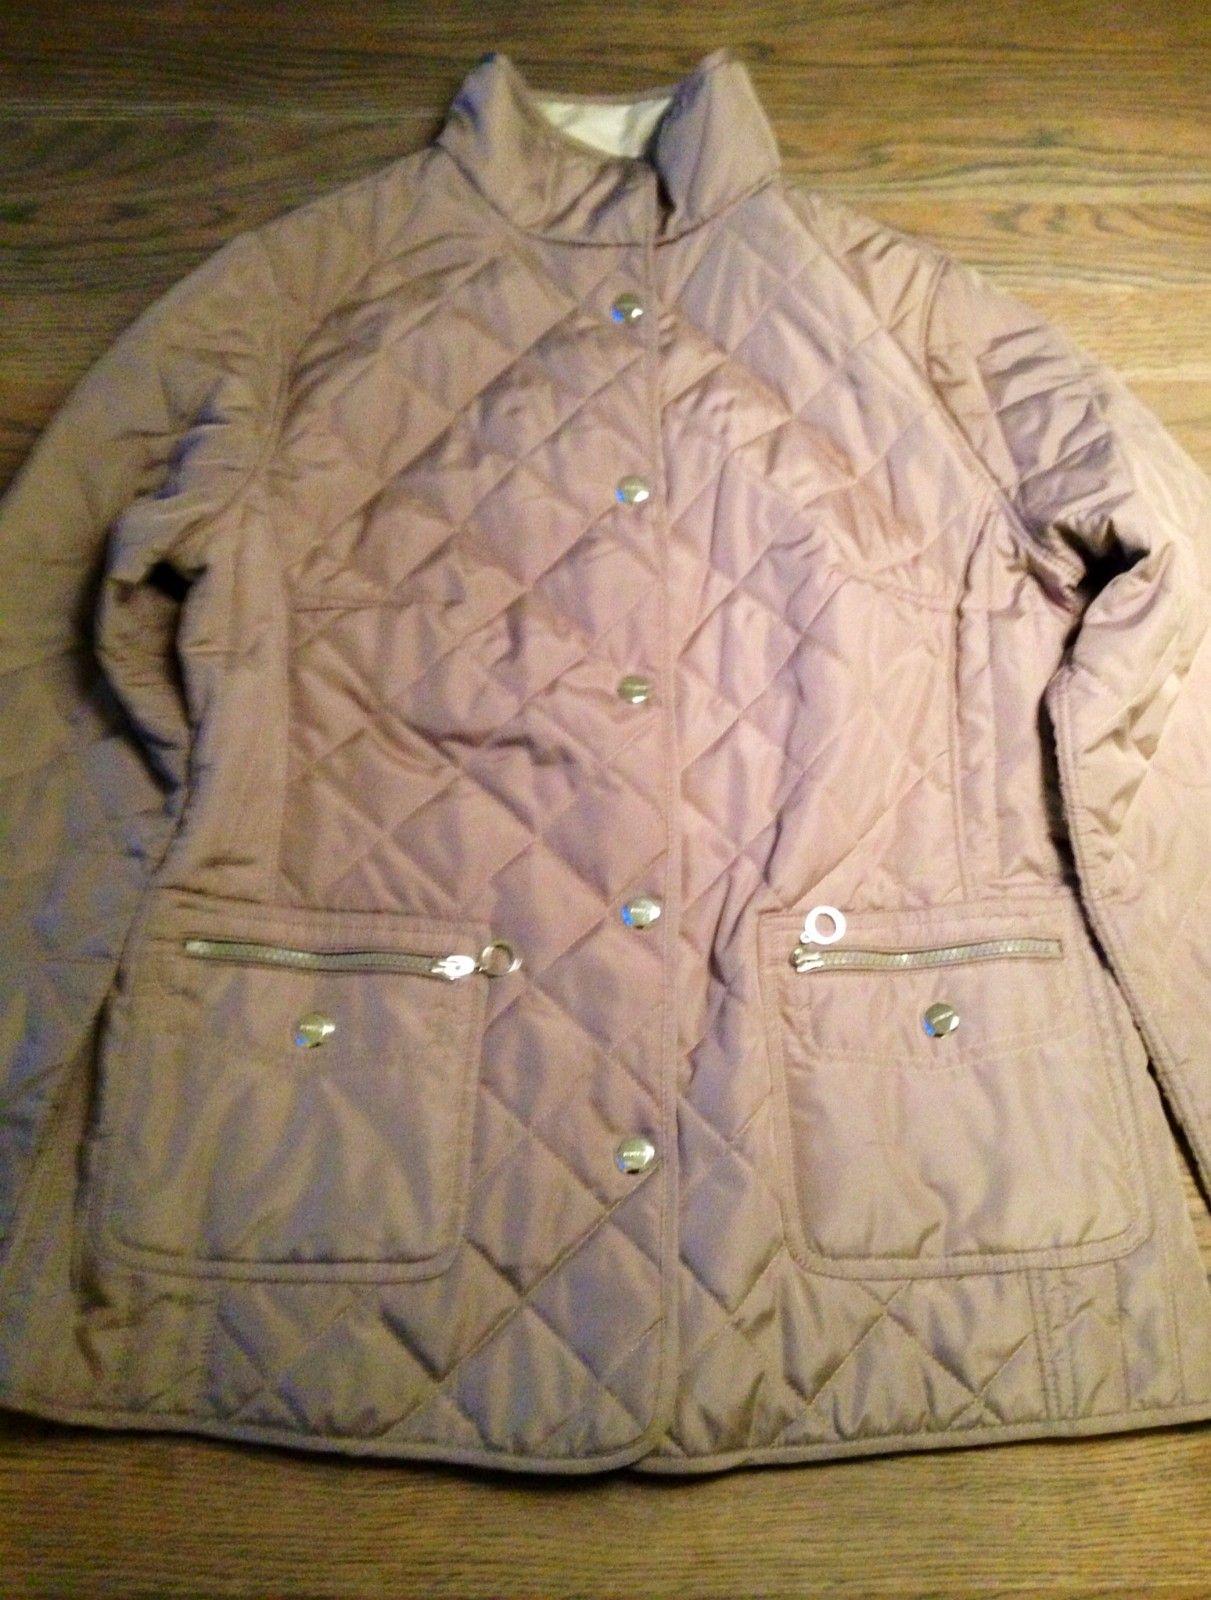 795008e9 Danwear jakke i beige/offwhite. Kan brukes på begge sider! God deal ...